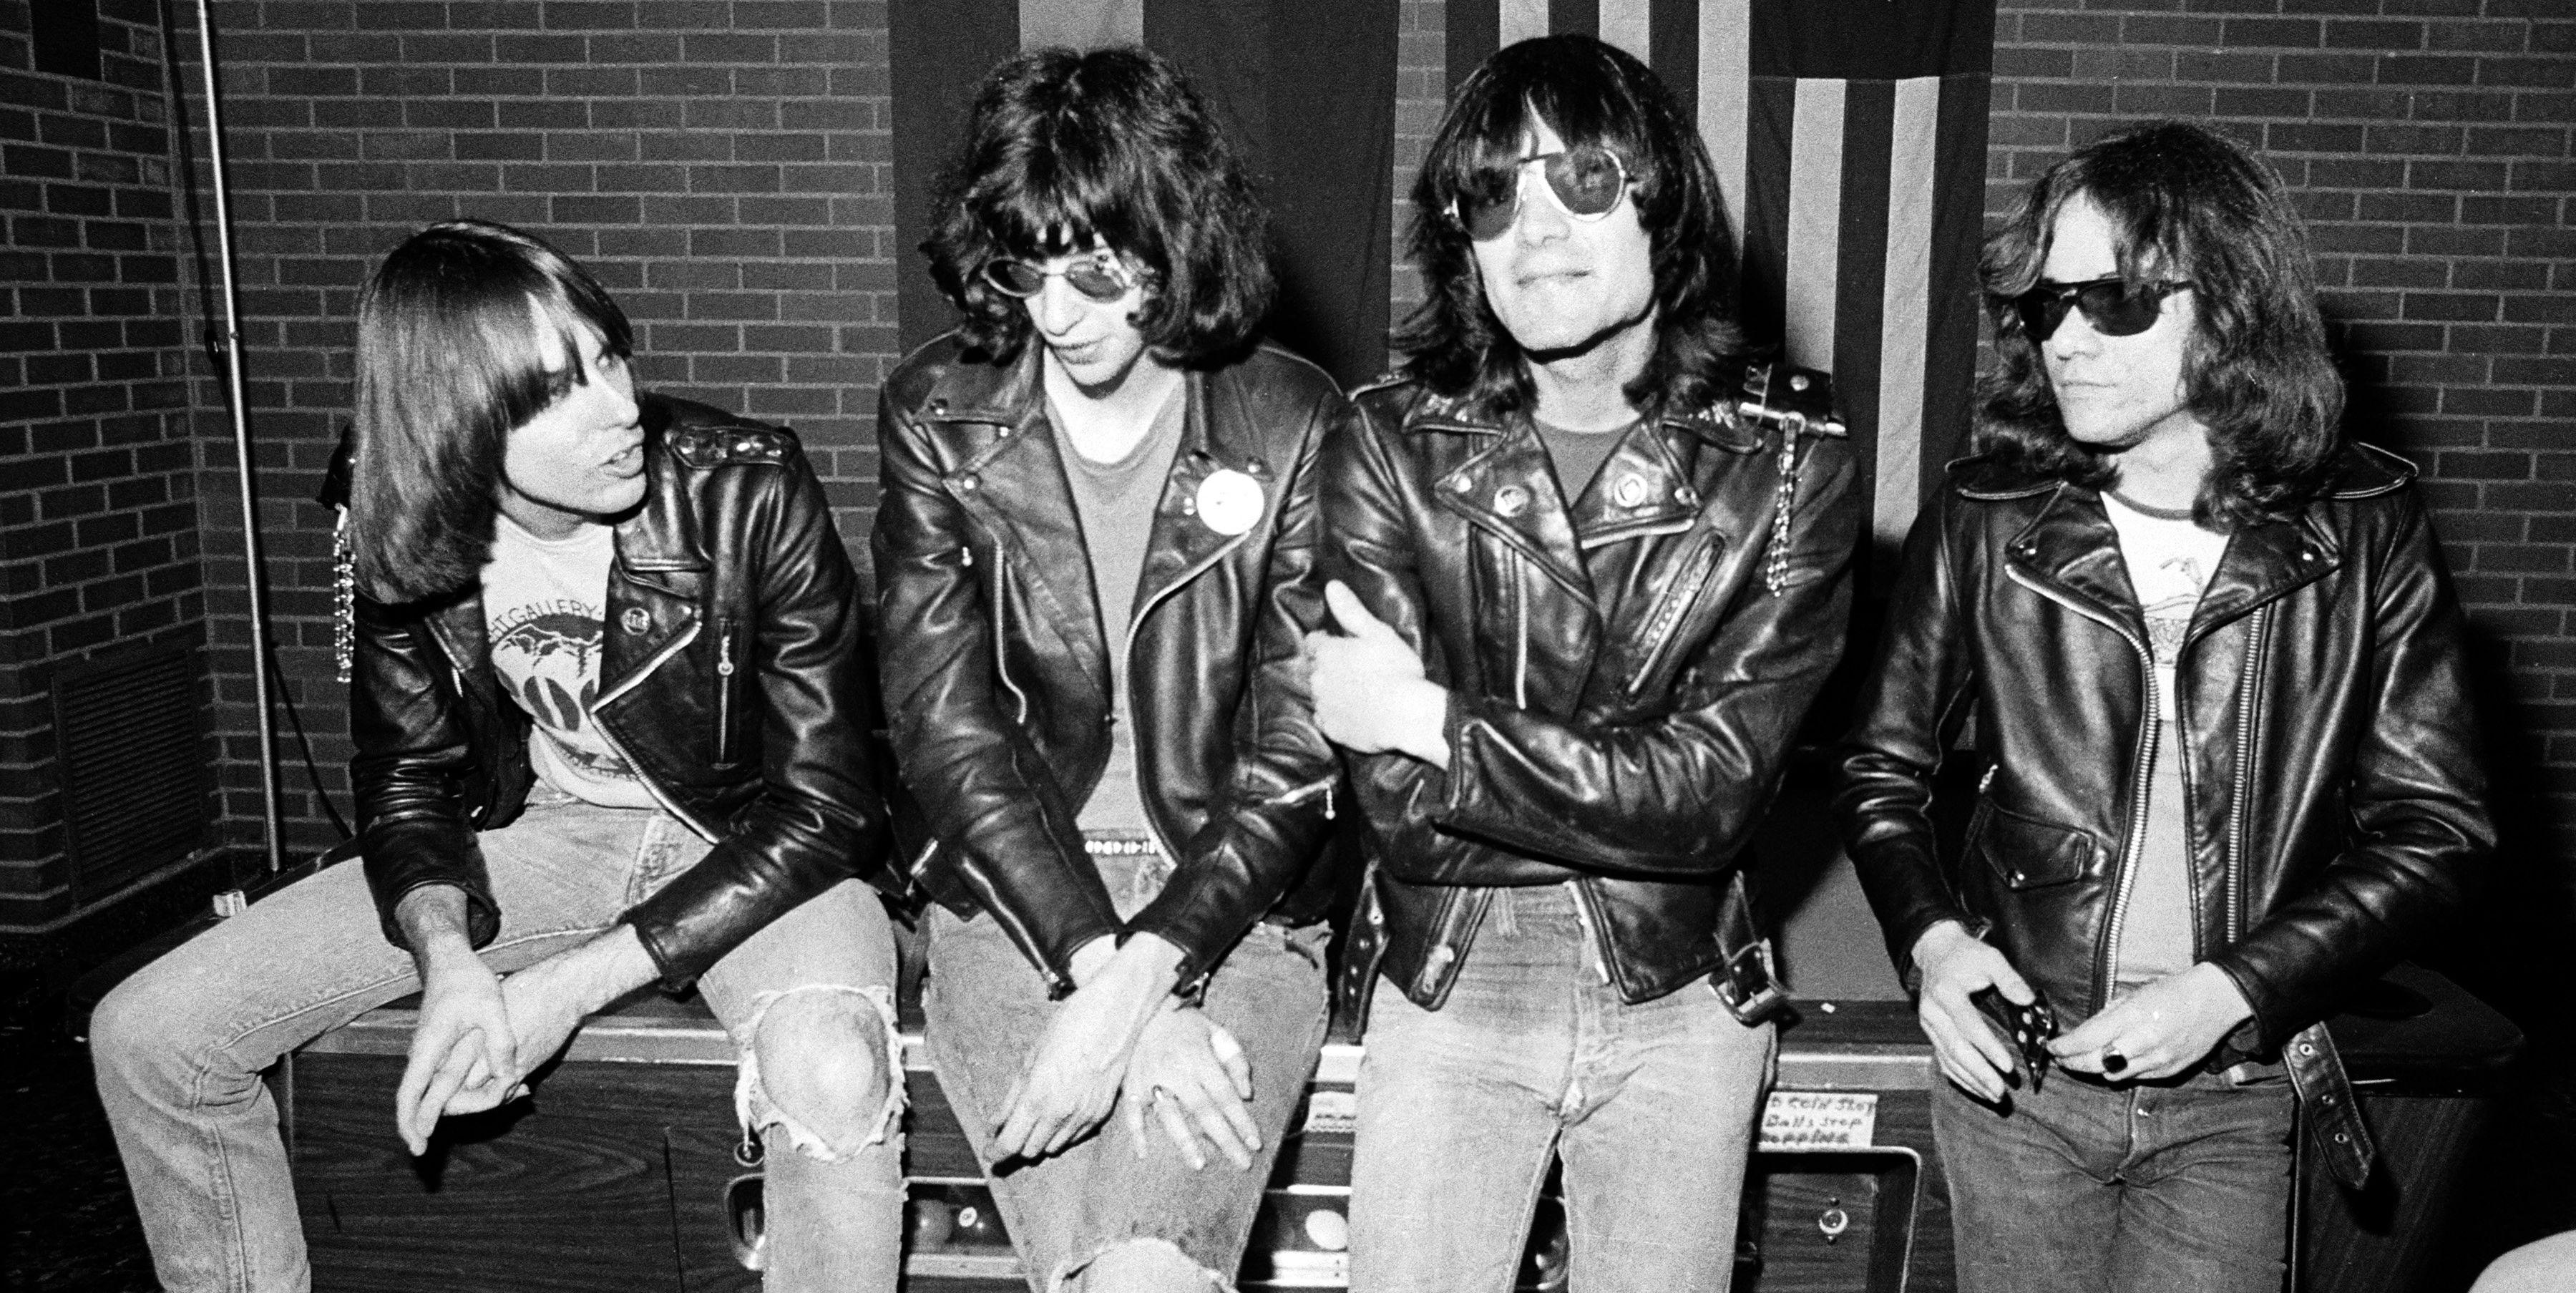 The Ramones Style